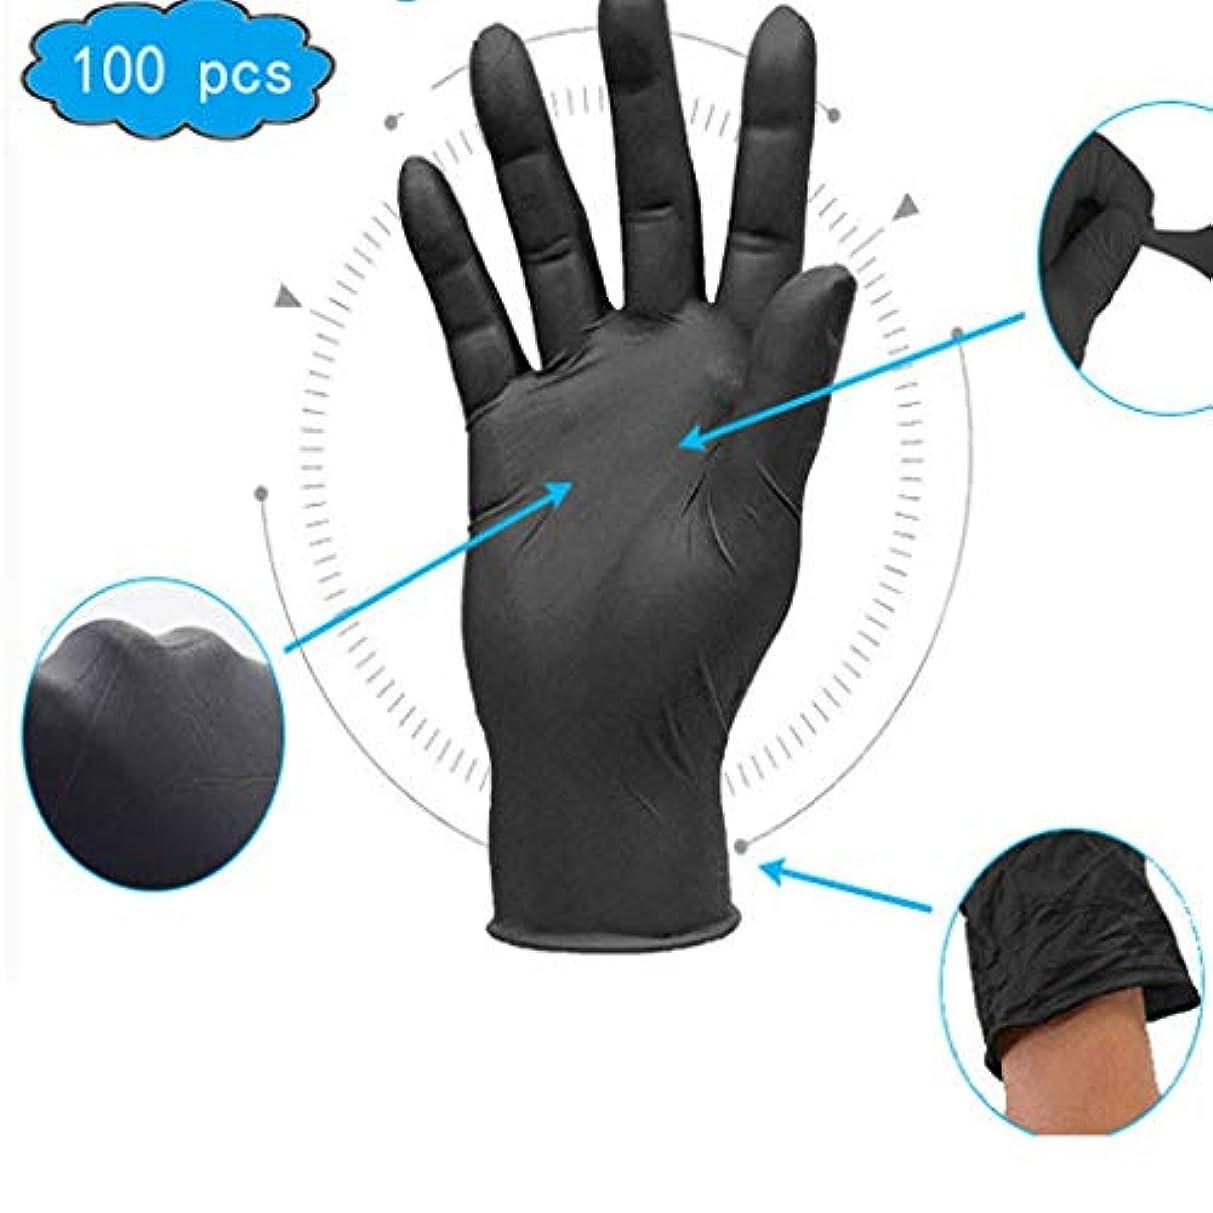 まっすぐ慰め困惑ニトリル手袋、医薬品および備品、応急処置用品、産業用使い捨て手袋 - テクスチャード、パウダーフリー、無菌、大型、100個入り、非滅菌の使い捨て安全手袋 (Color : Black, Size : M)